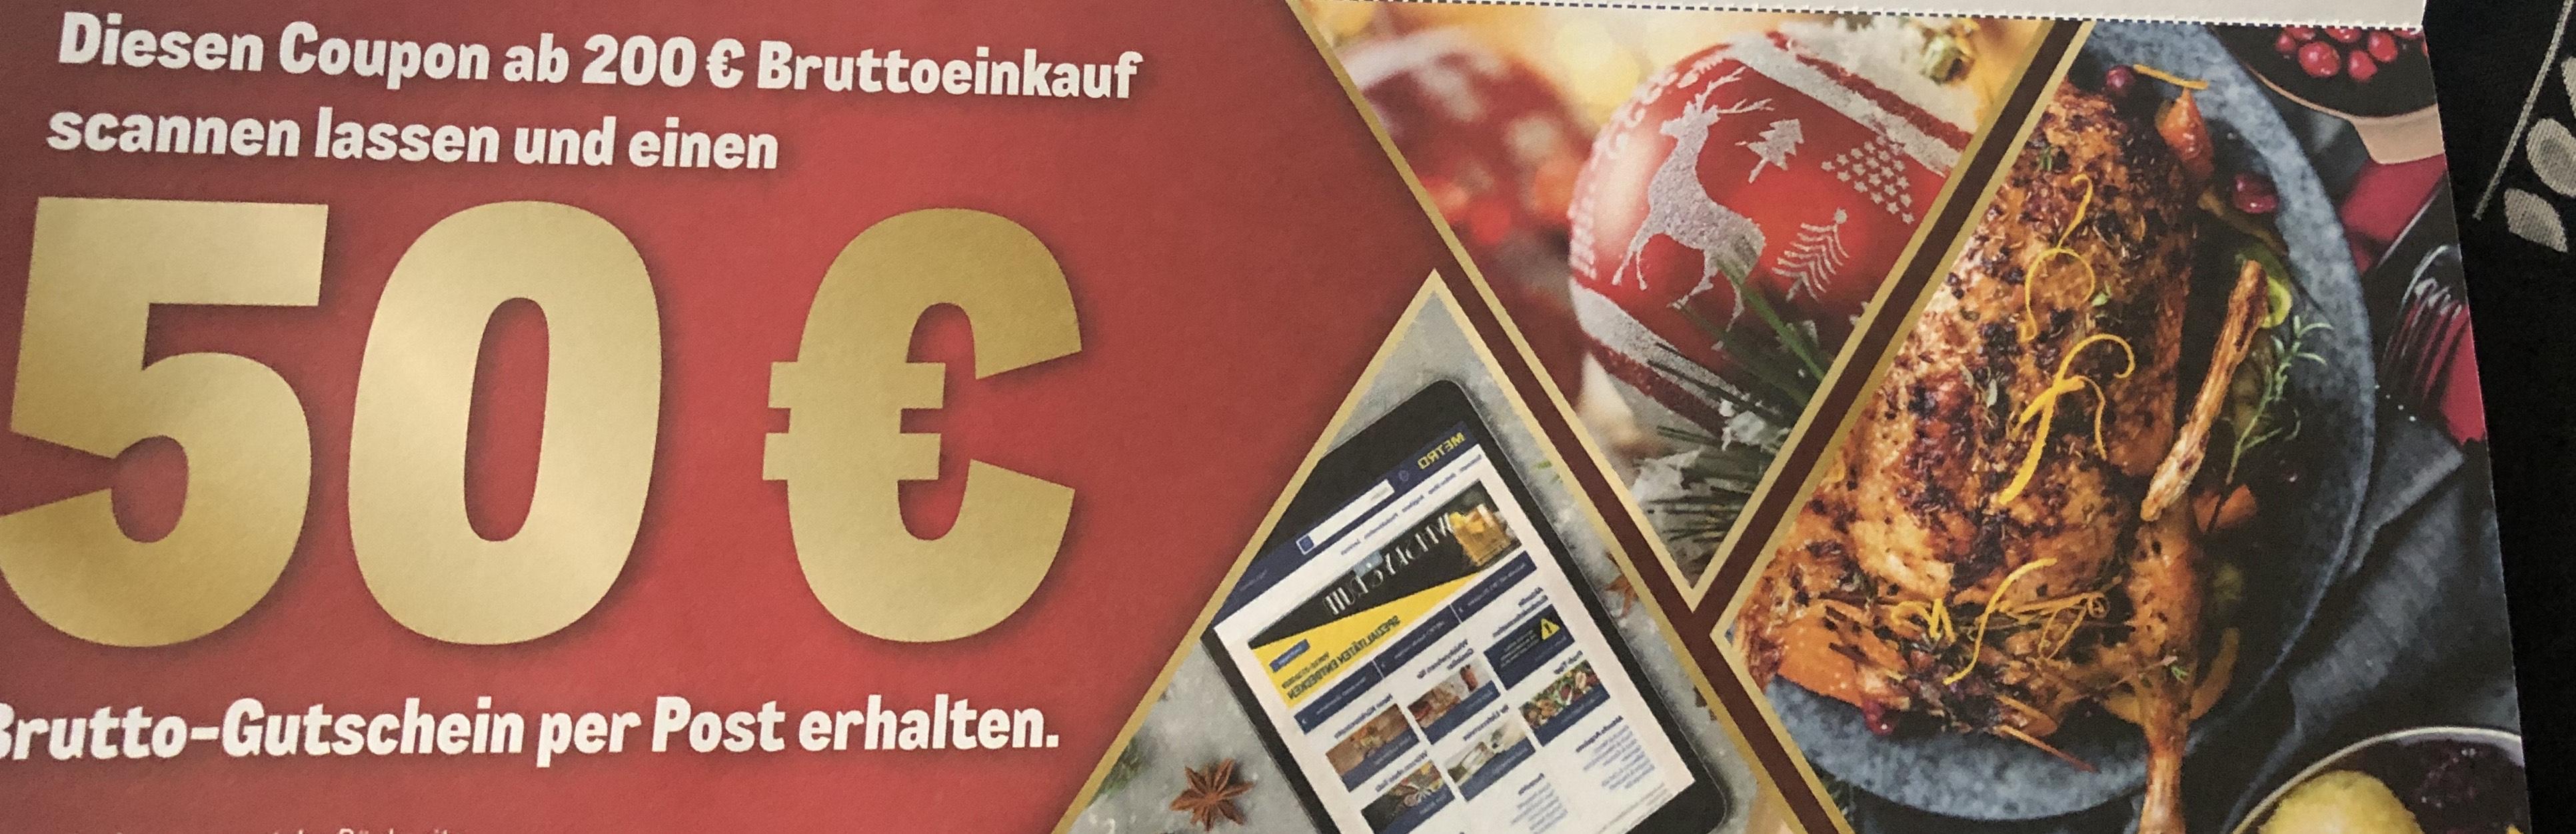 (Personalisiert) Metro 50 € Gutschein ab 200 € Einkauf